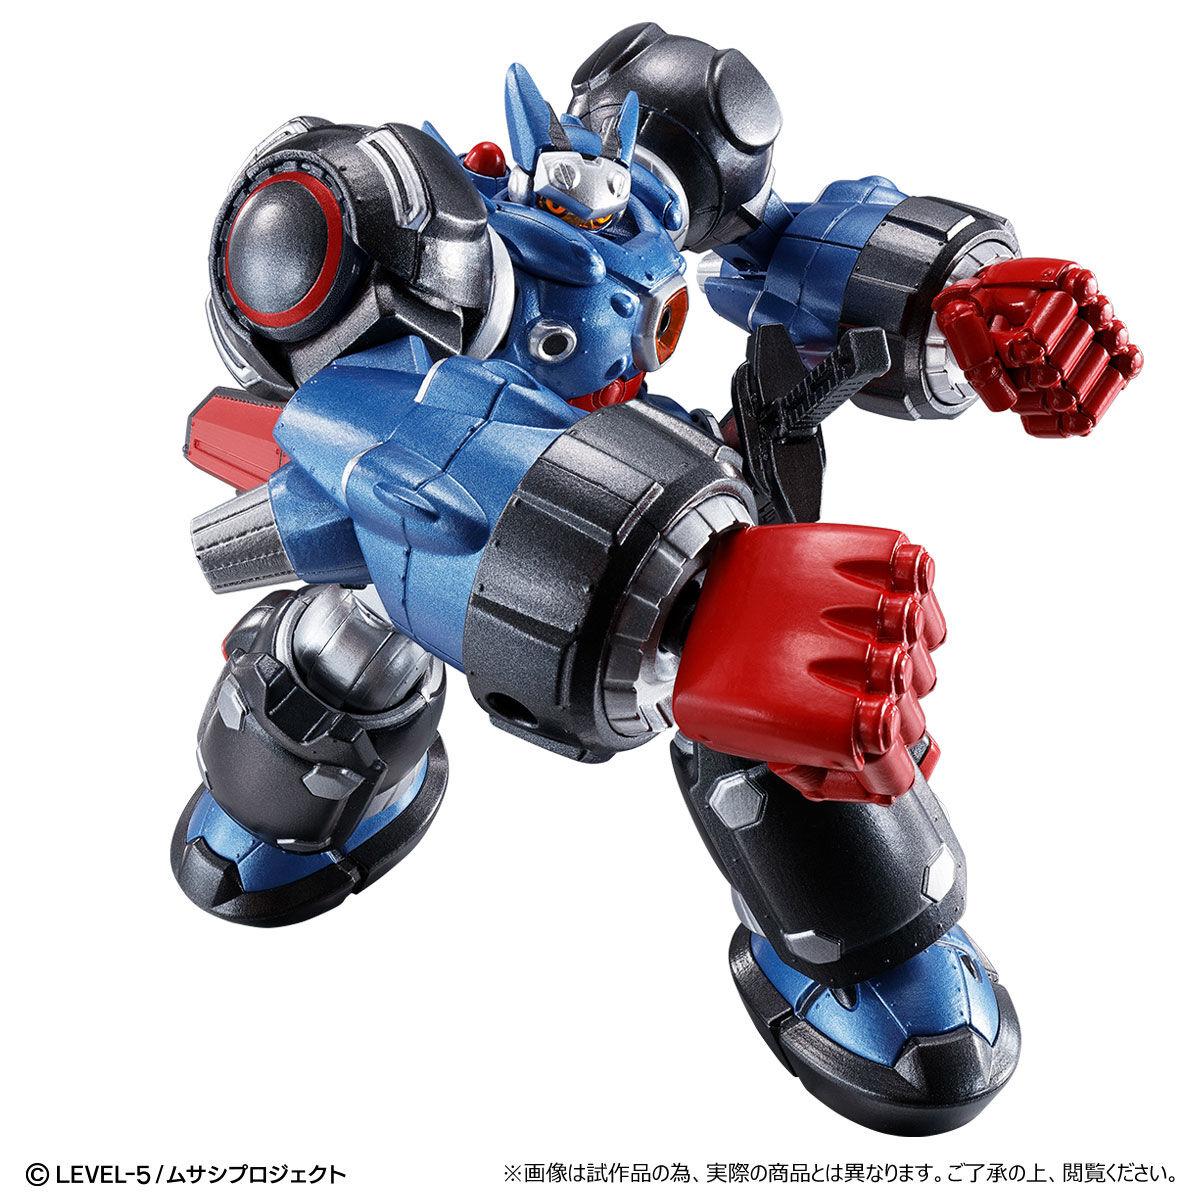 【限定販売】超弩級シリーズ『メガトン級ムサシ』可動フィギュア-004